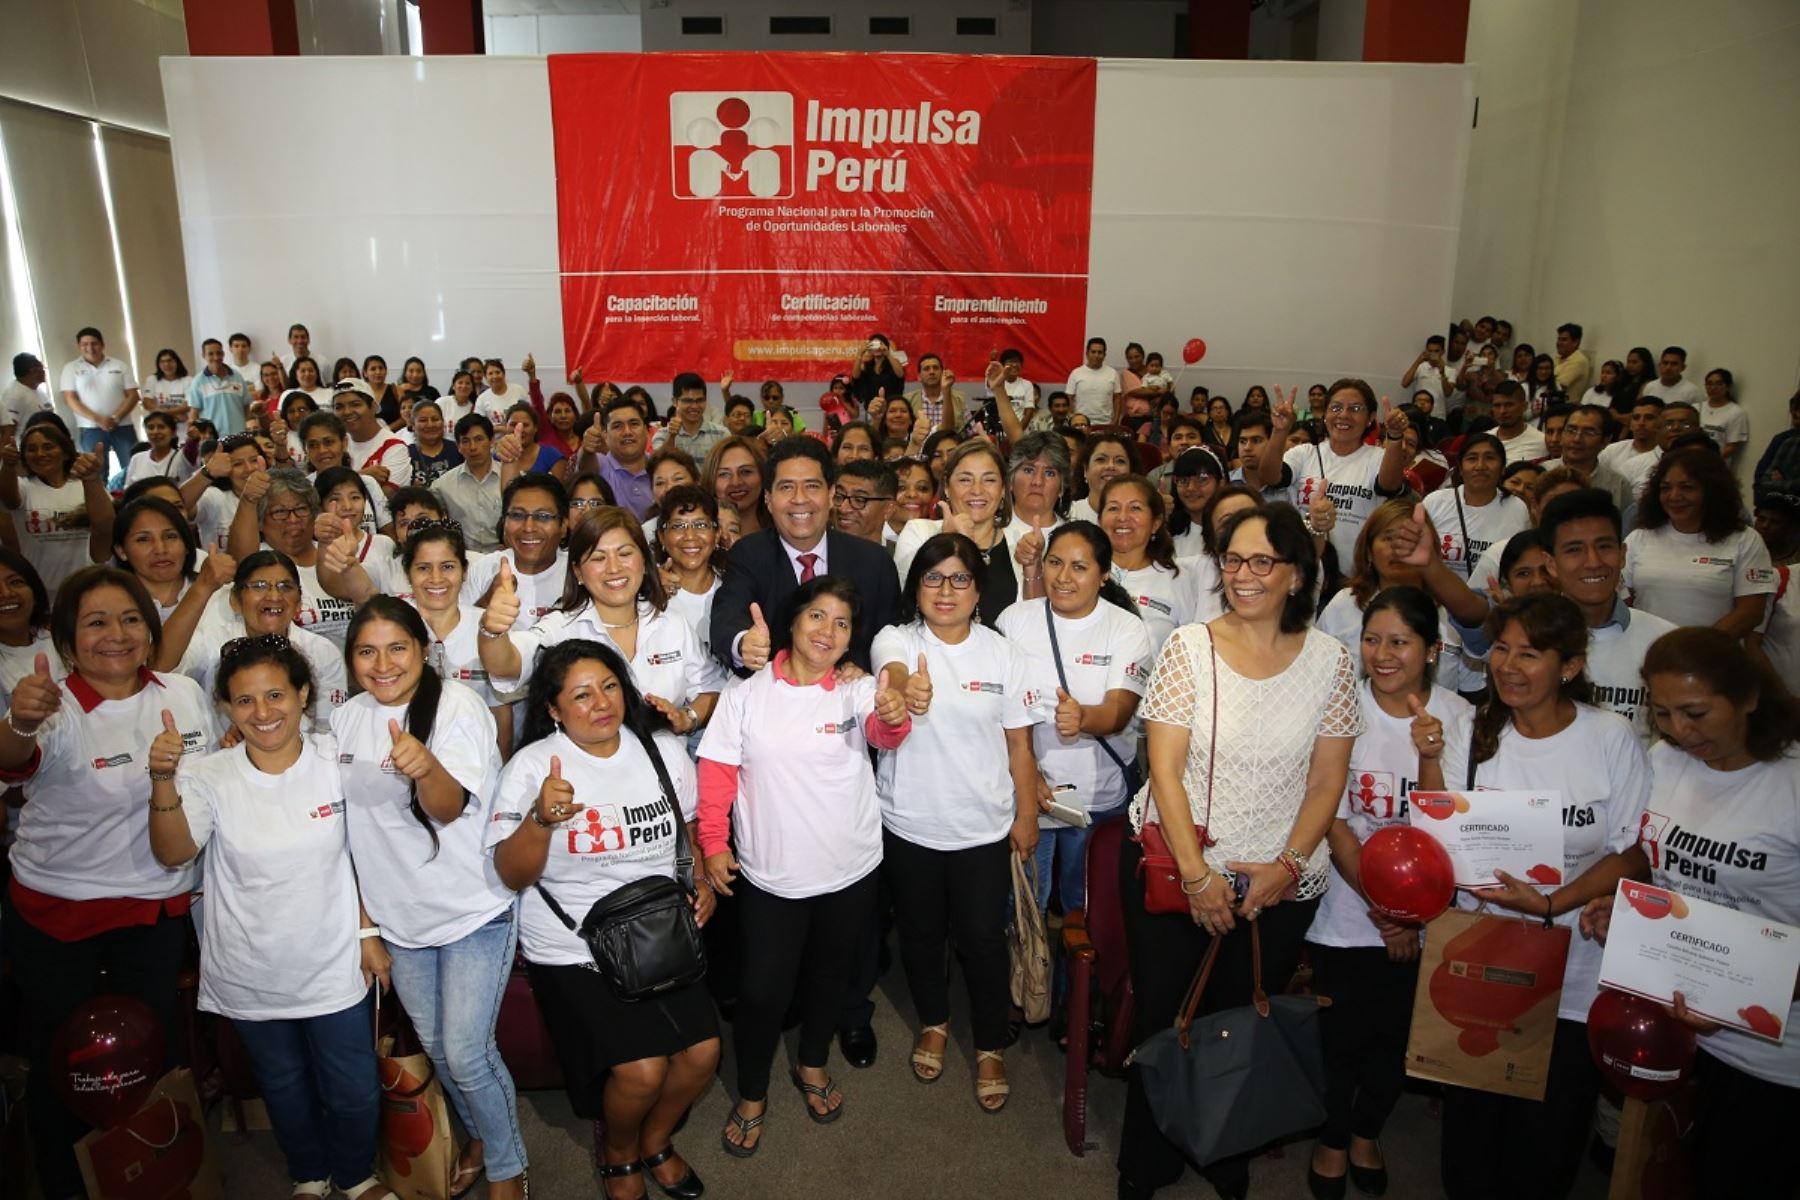 Ministerio de trabajo certifica competencia laboral de 90 for Formulario trabajadores del hogar